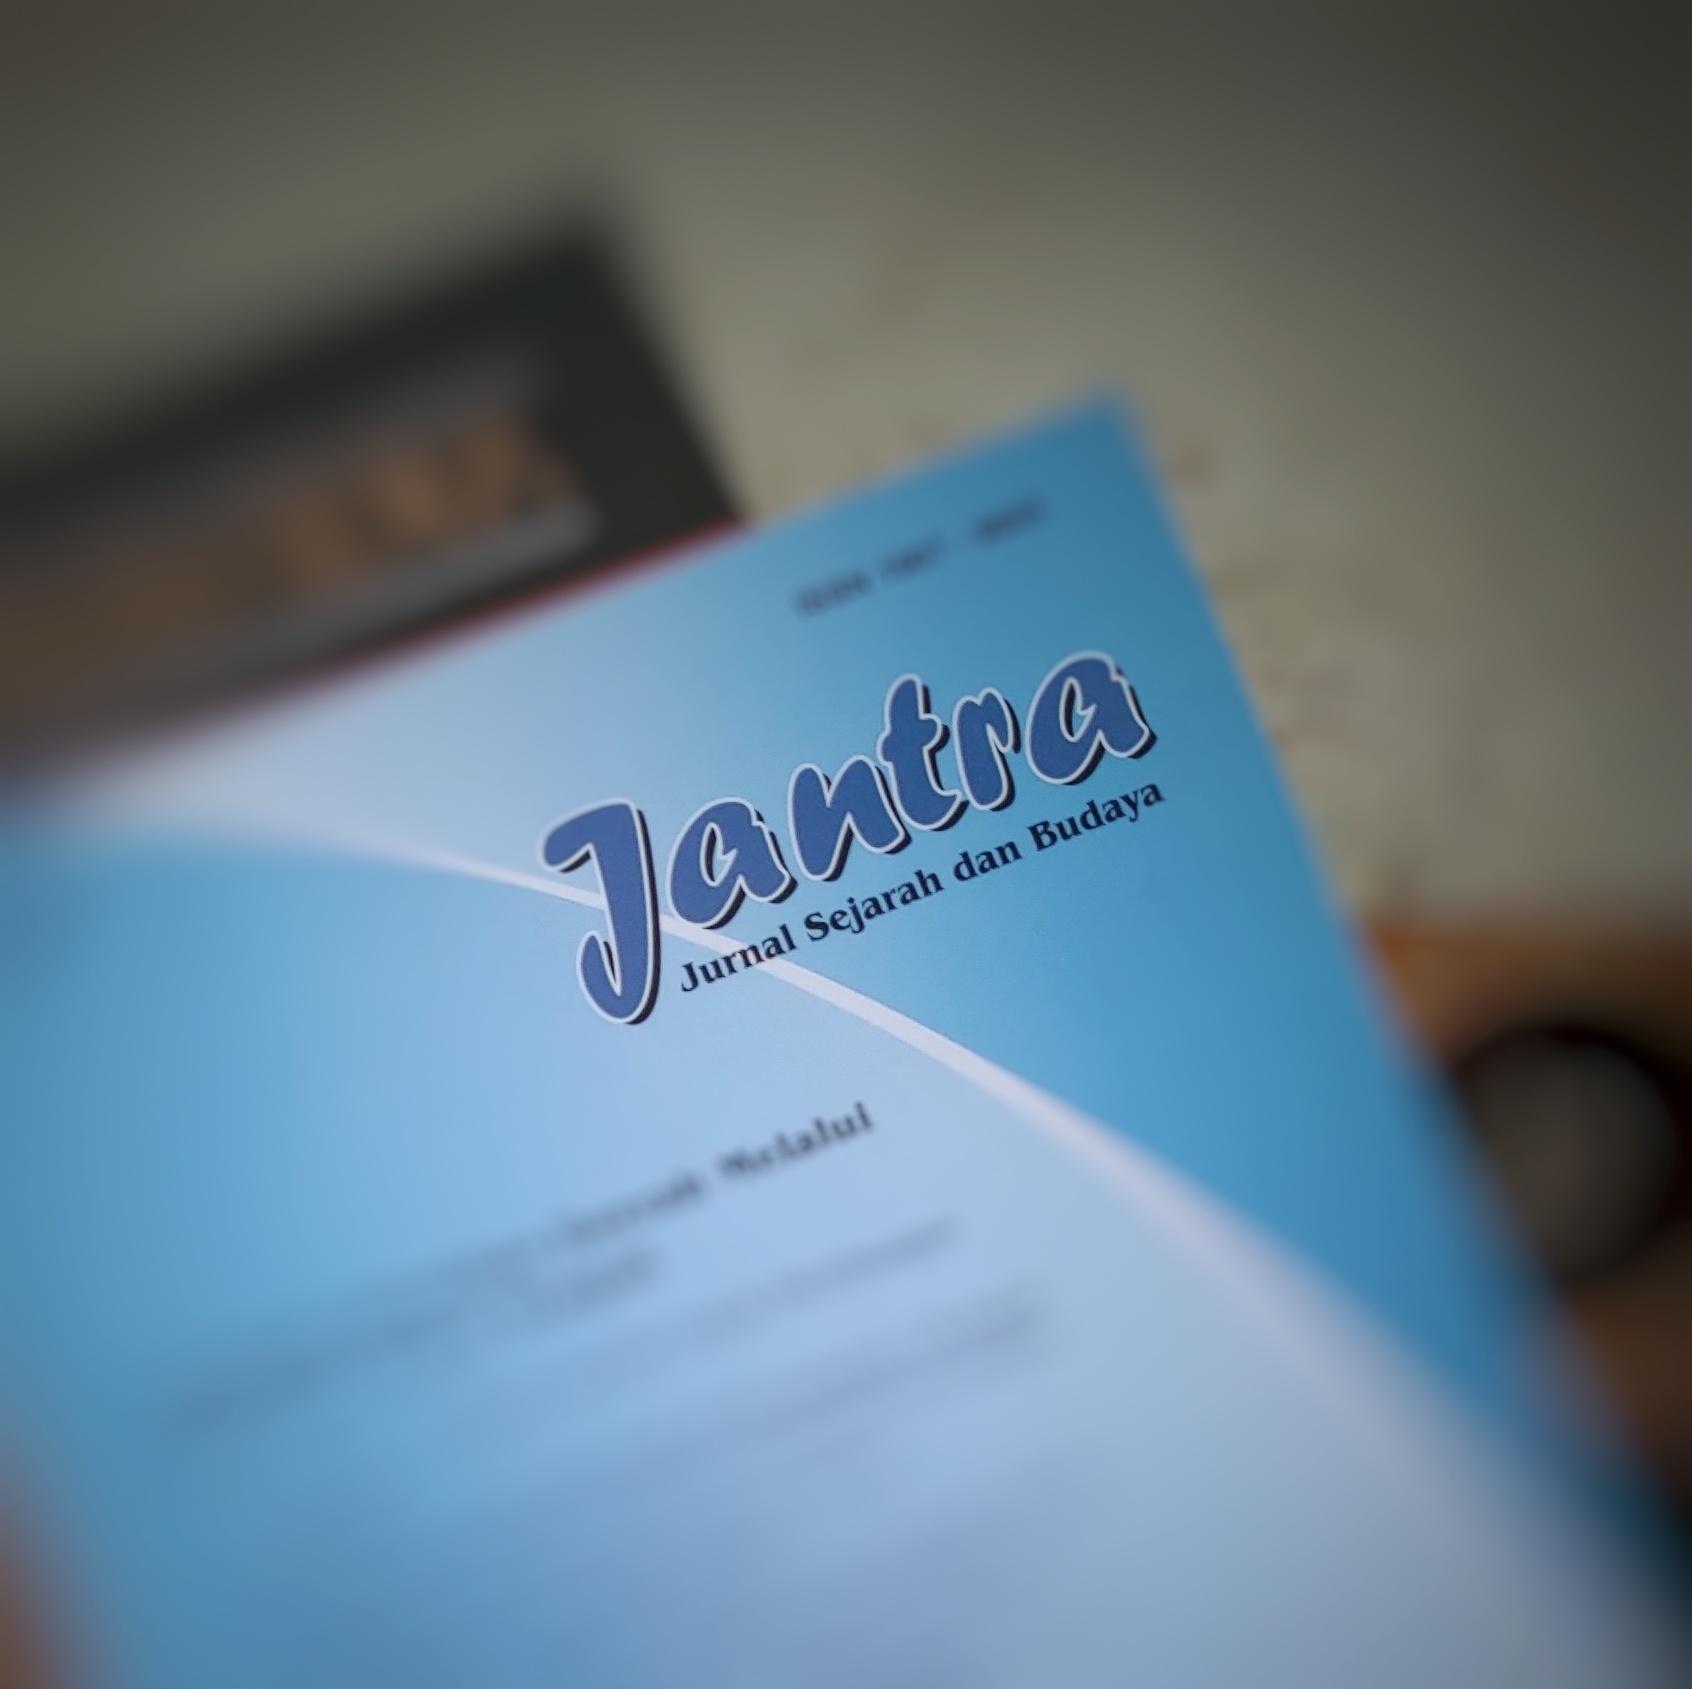 Jurnal Jantra Volume 14, Nomor 2, Desember 2019